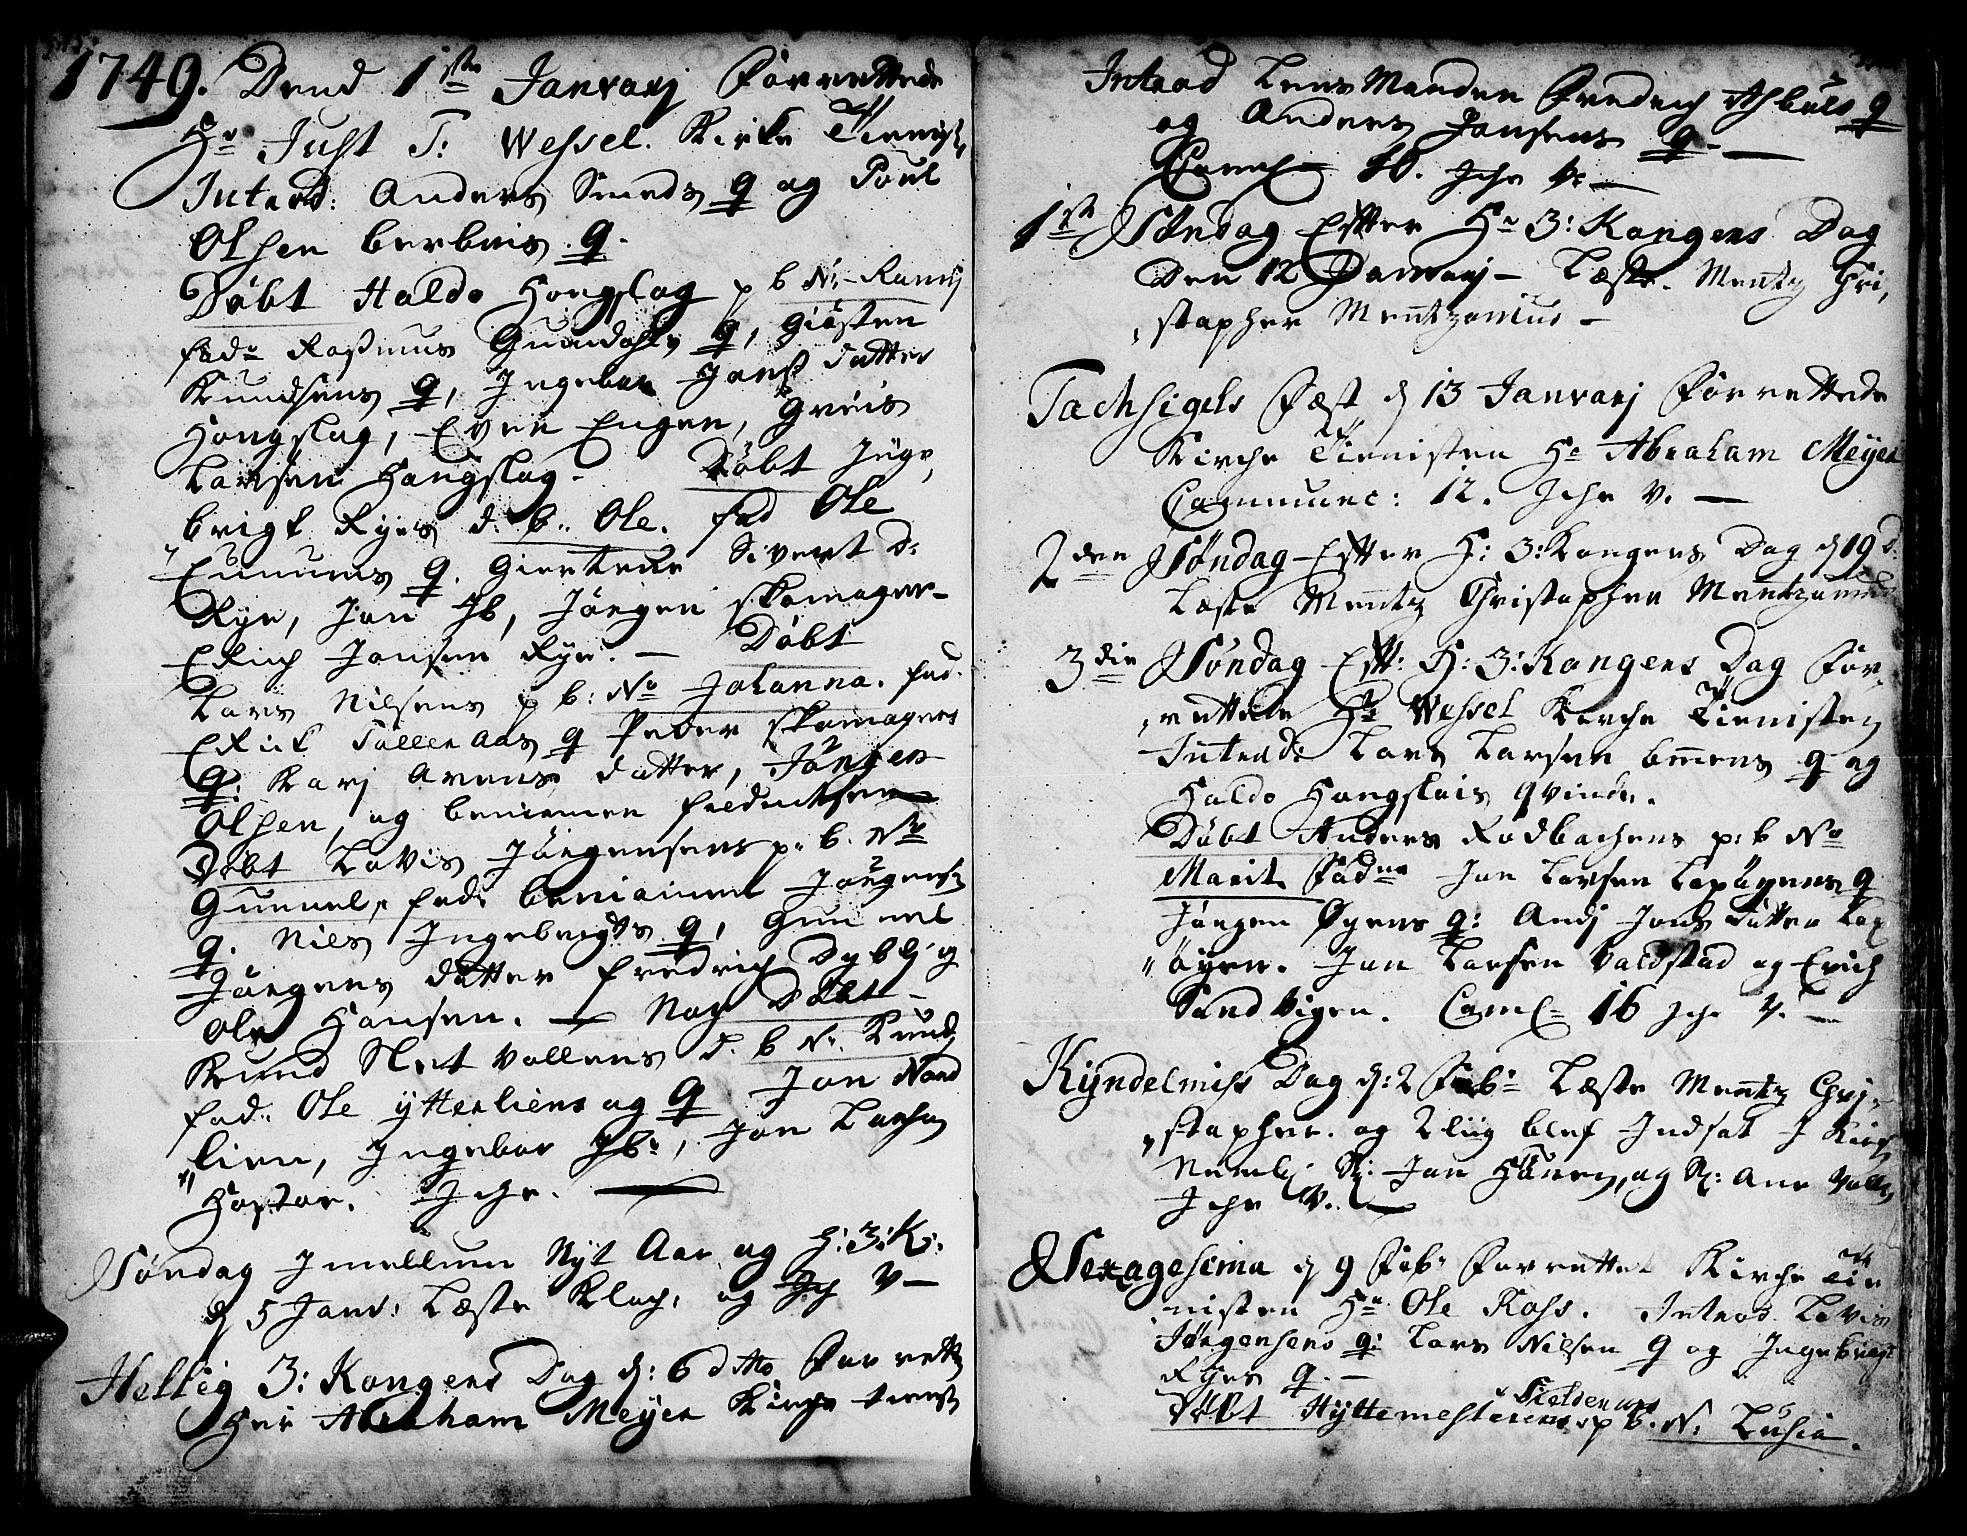 SAT, Ministerialprotokoller, klokkerbøker og fødselsregistre - Sør-Trøndelag, 671/L0839: Ministerialbok nr. 671A01, 1730-1755, s. 375-376